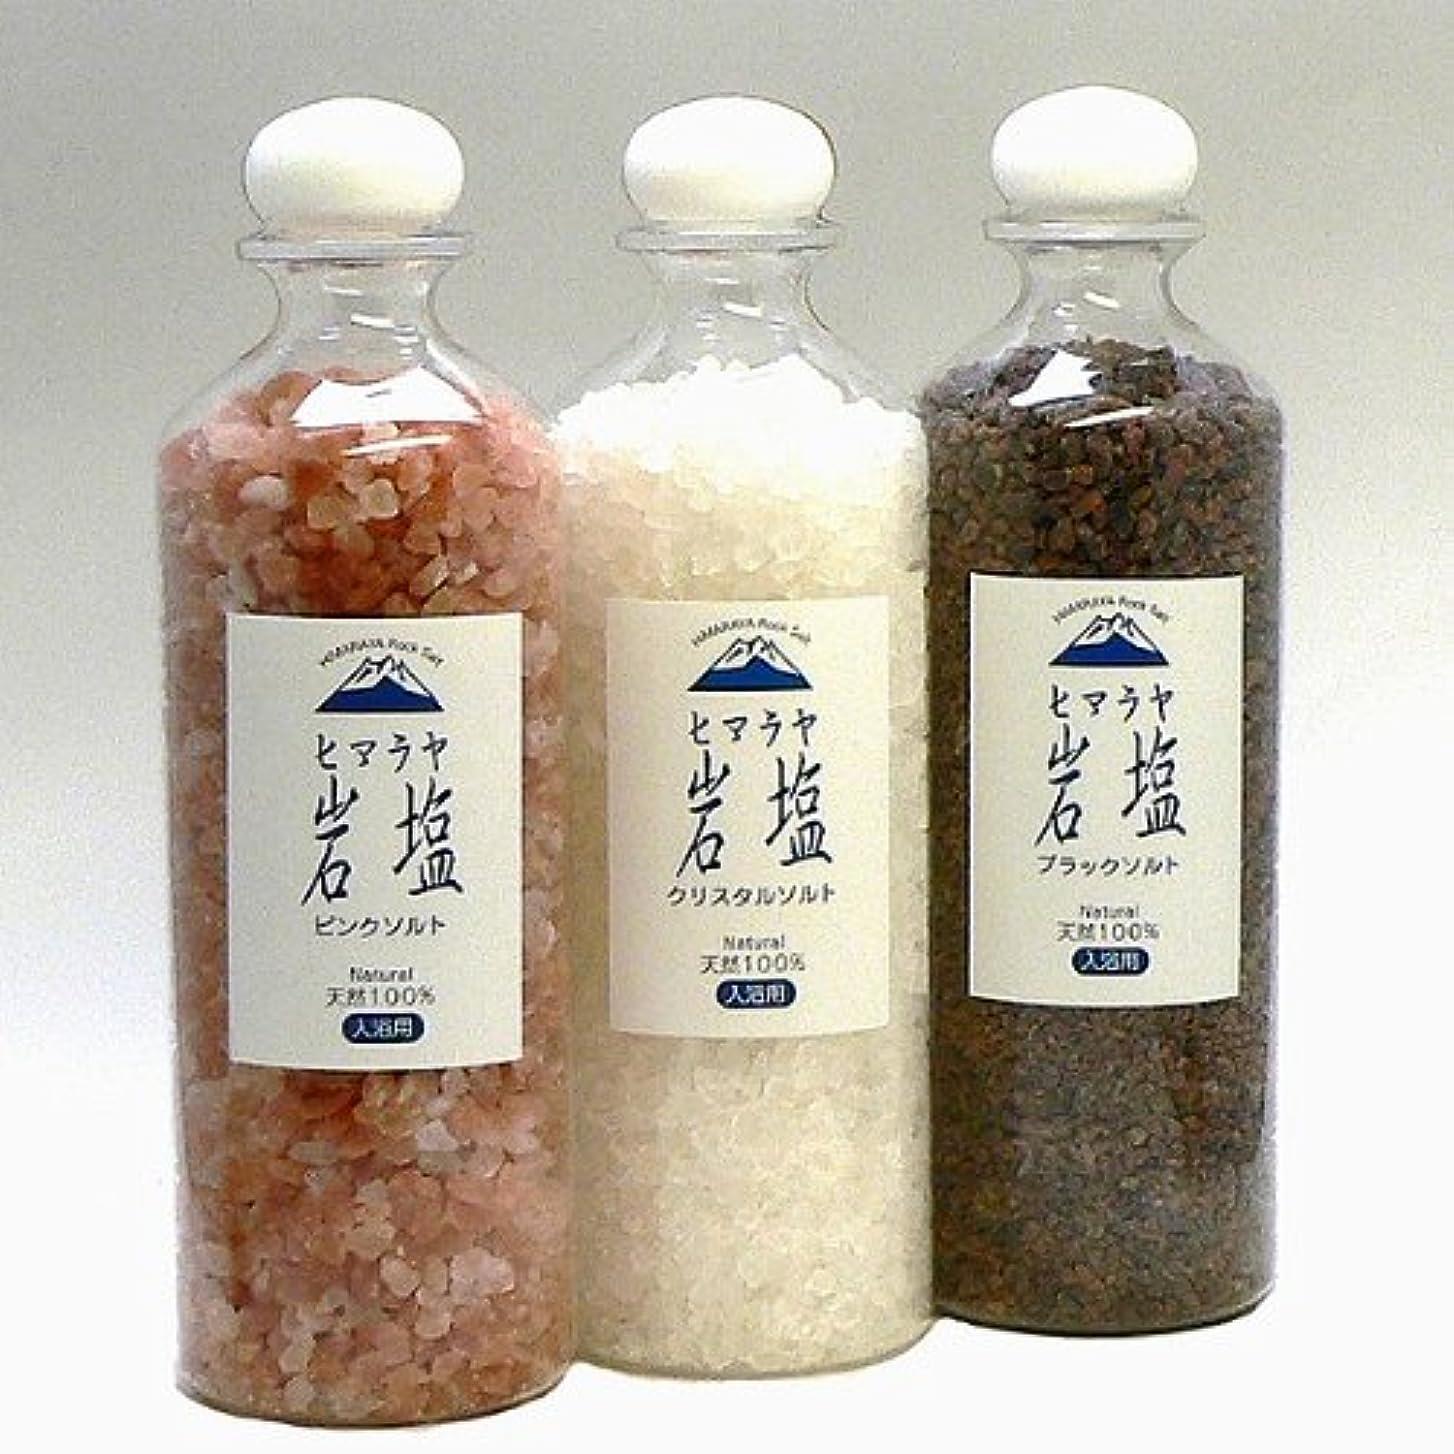 バナナ最終的にタックヒマラヤ岩塩(ピンク岩塩?クリスタル岩塩?ブラック岩塩)入浴用(小粒)ボトル入りセット